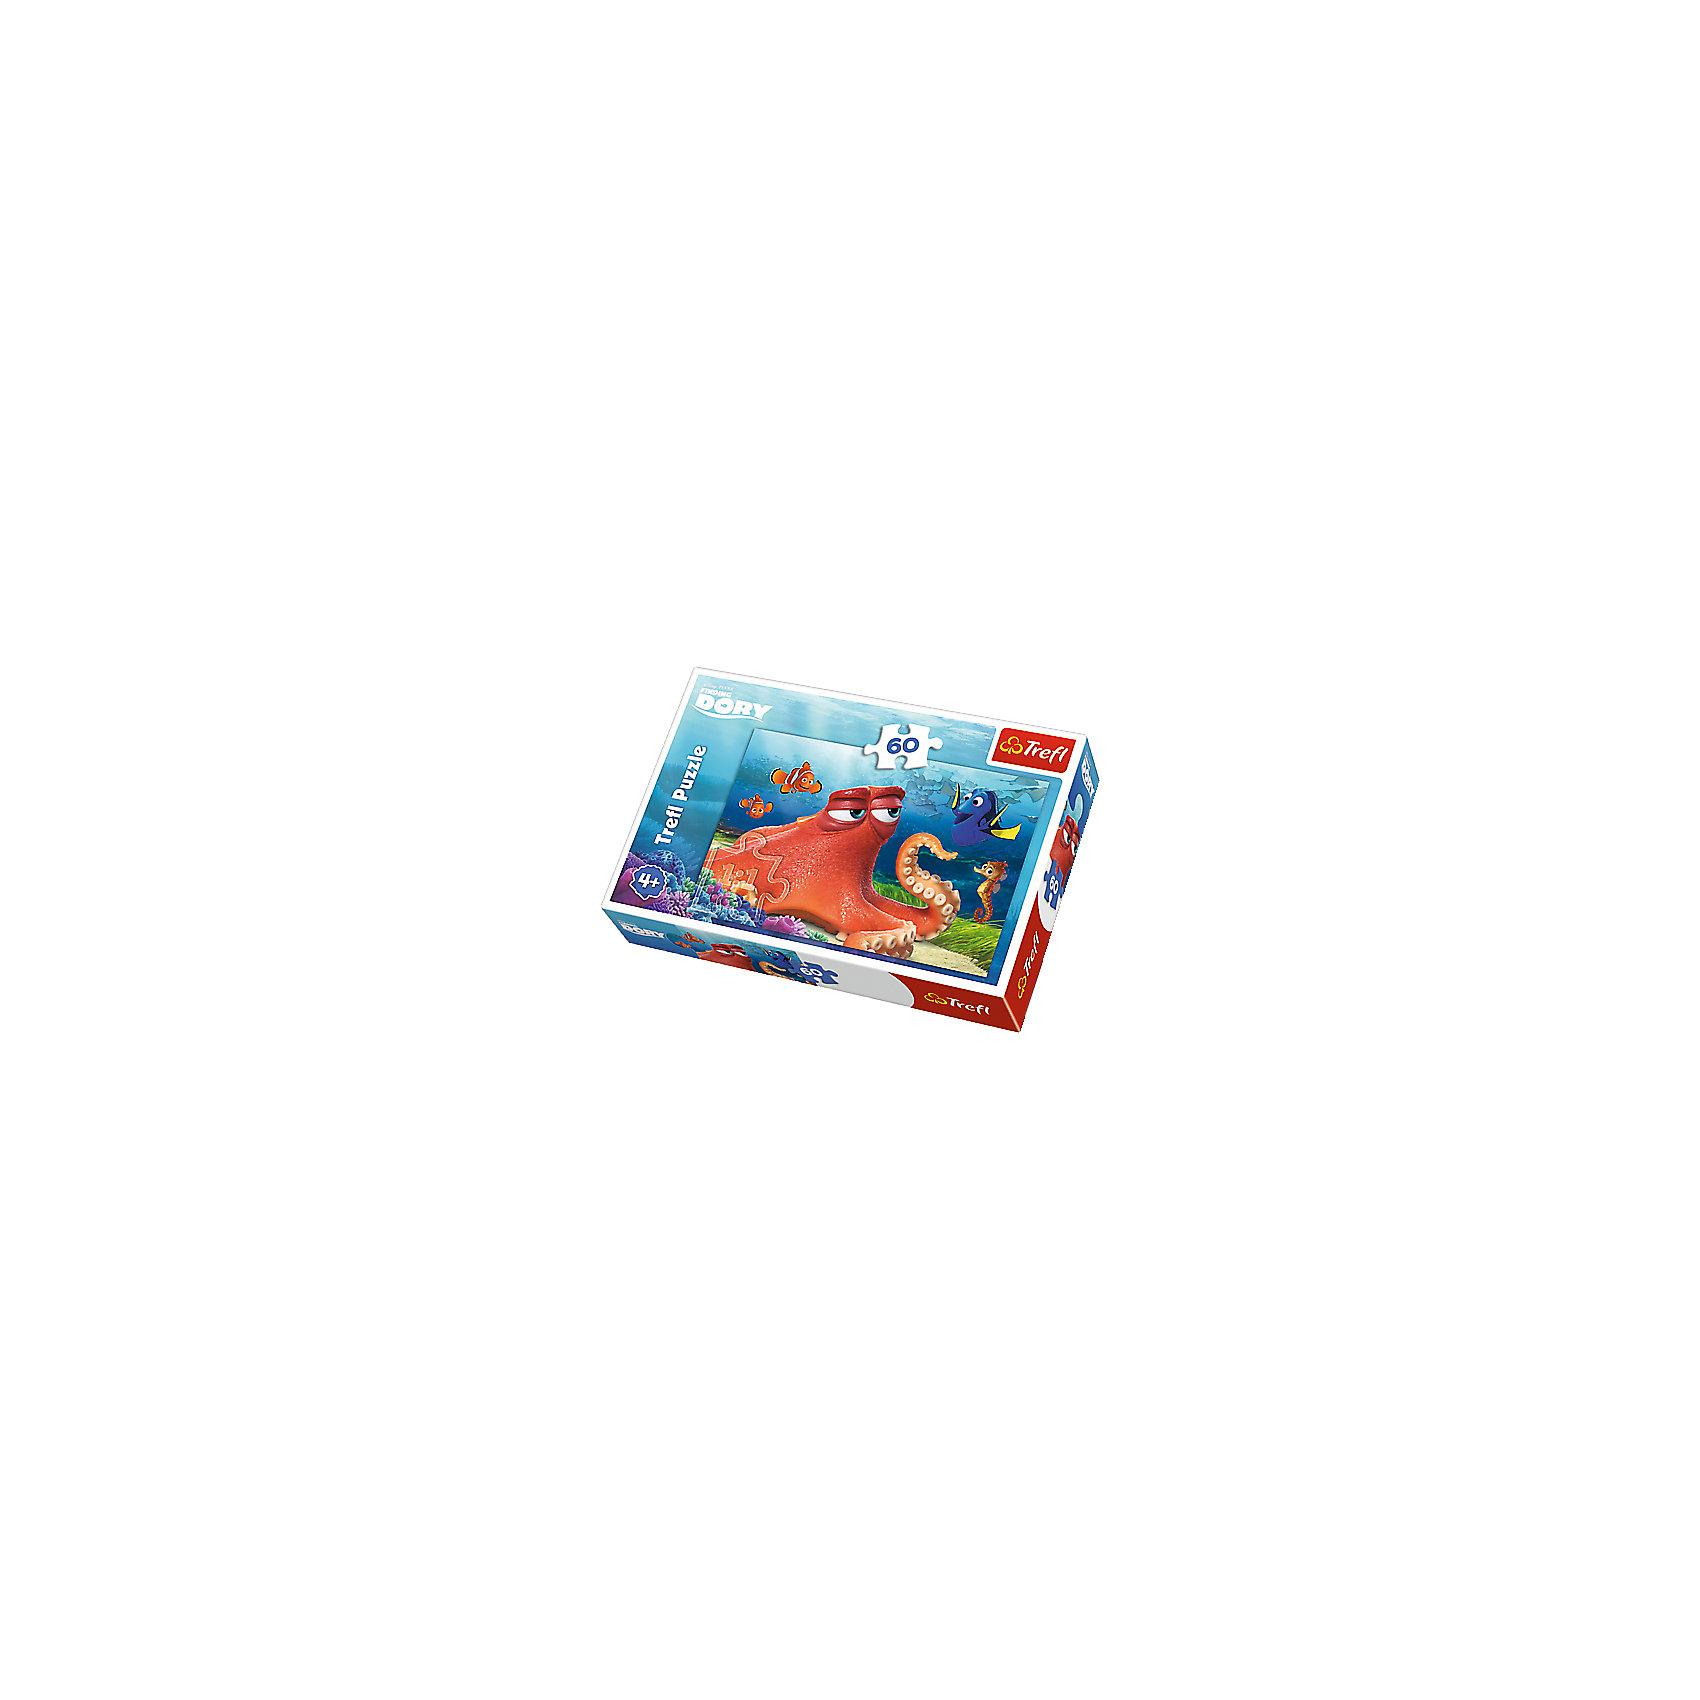 Пазл Дисней «Встреча с Хэнком», 60 элементовВ поисках Дори<br>Пазл Дисней «Встреча с Хэнком»  даст возможность вашему ребенку очутиться в мире подводных приключений вместе с любимыми персонажами мультфильма. На яркой красочной картинке, на фоне подводной растительности, изображены известные персонажи – Хэнк, Дори, Немо, Марлин и морской конек Шельфик. Хэнк – это большой и мудрый оранжевый осьминог. Все его друзья тоже имеют яркую окраску. Собрав картинку, ребенок сможет украсить ей стену в своей комнате. <br>Пазлы выполнены из плотного картона высокого качества и легко складываются между собой. <br>Пазл включает в себя 60 элементов. Размер картинки в собранном виде: 33 х 22 см. <br>Рекомендуемый возраст – от 4 лет.<br><br>Ширина мм: 215<br>Глубина мм: 144<br>Высота мм: 43<br>Вес г: 206<br>Возраст от месяцев: 60<br>Возраст до месяцев: 84<br>Пол: Женский<br>Возраст: Детский<br>Количество деталей: 60<br>SKU: 5390266